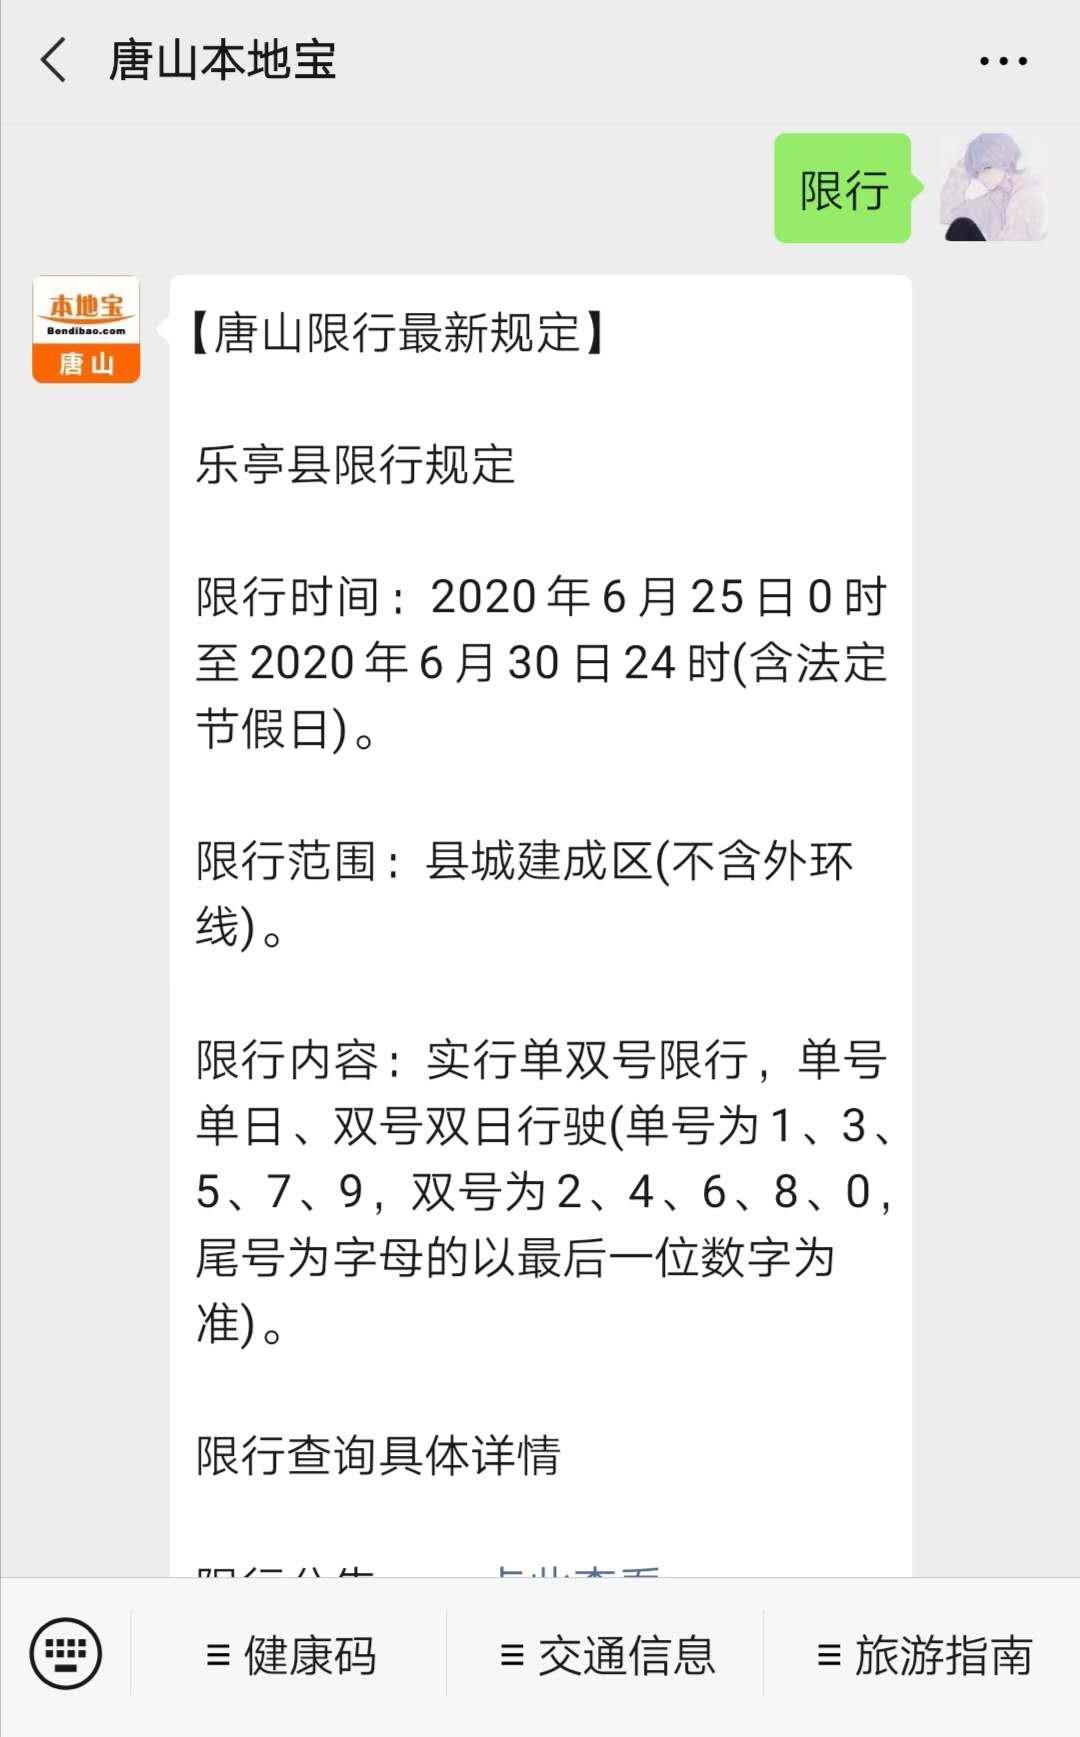 2020老虎机游戏:限行最新通知(限行时间+路段)